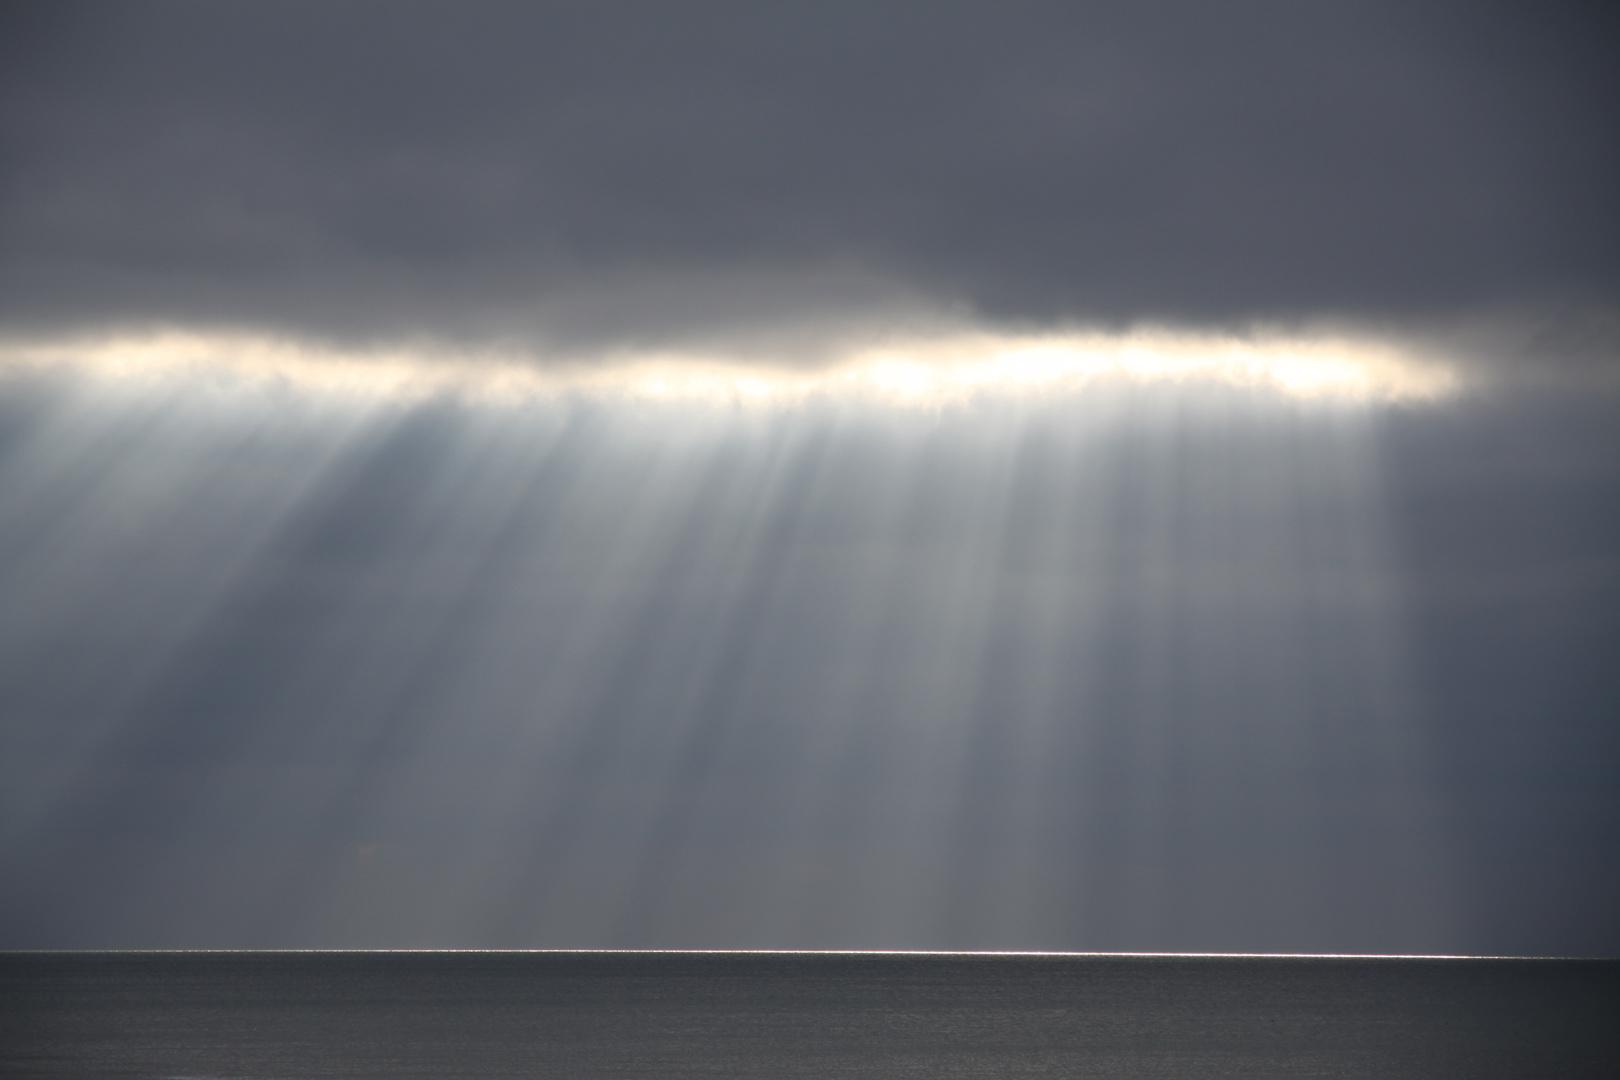 Vorhang aus Licht